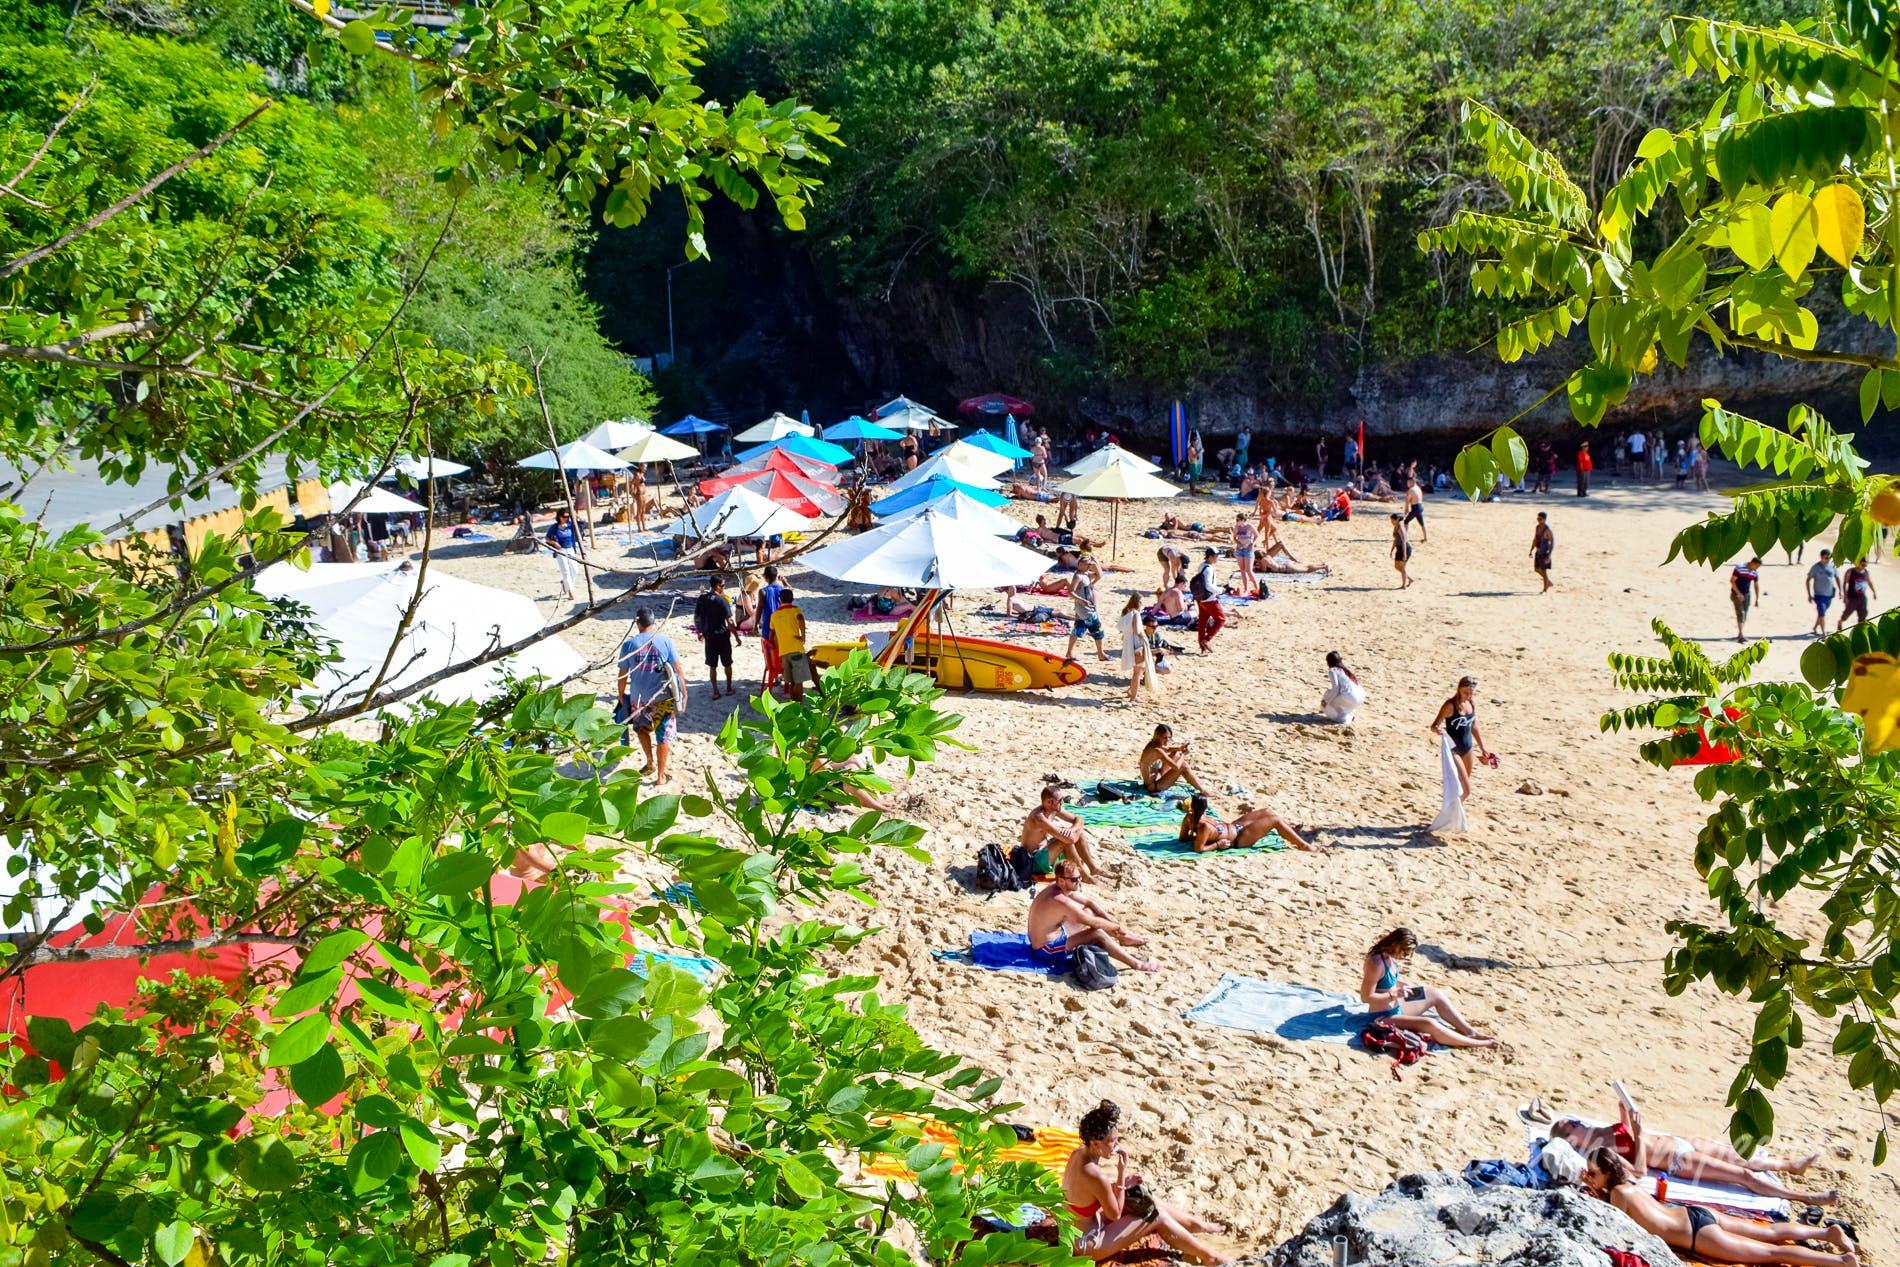 Playa Padang Padang Beach, Bali, Indonesia